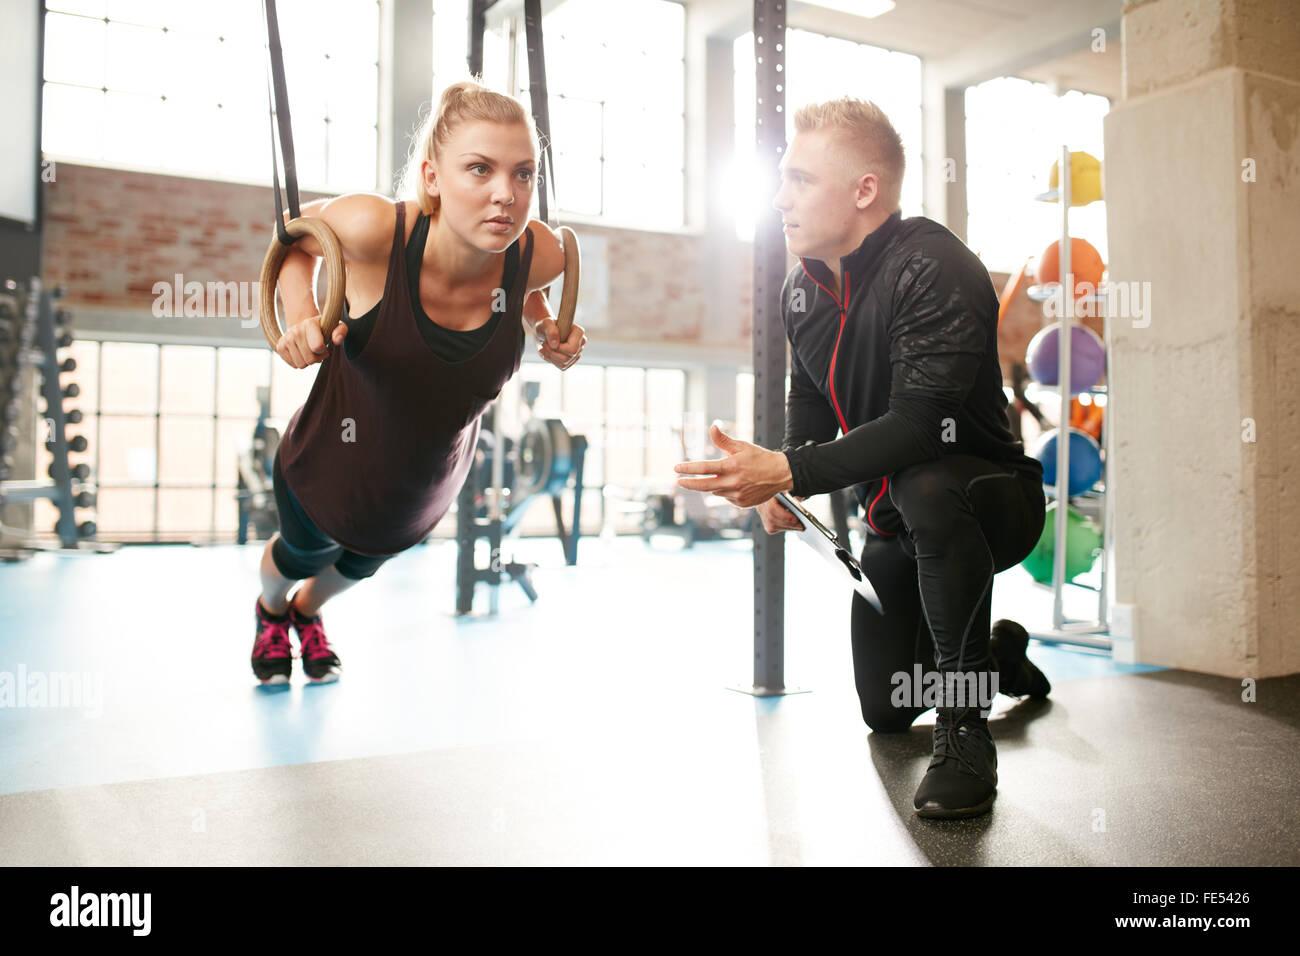 Jeune femme est en train de faire des exercices avec l'aide d'un entraîneur personnel dans une salle Photo Stock